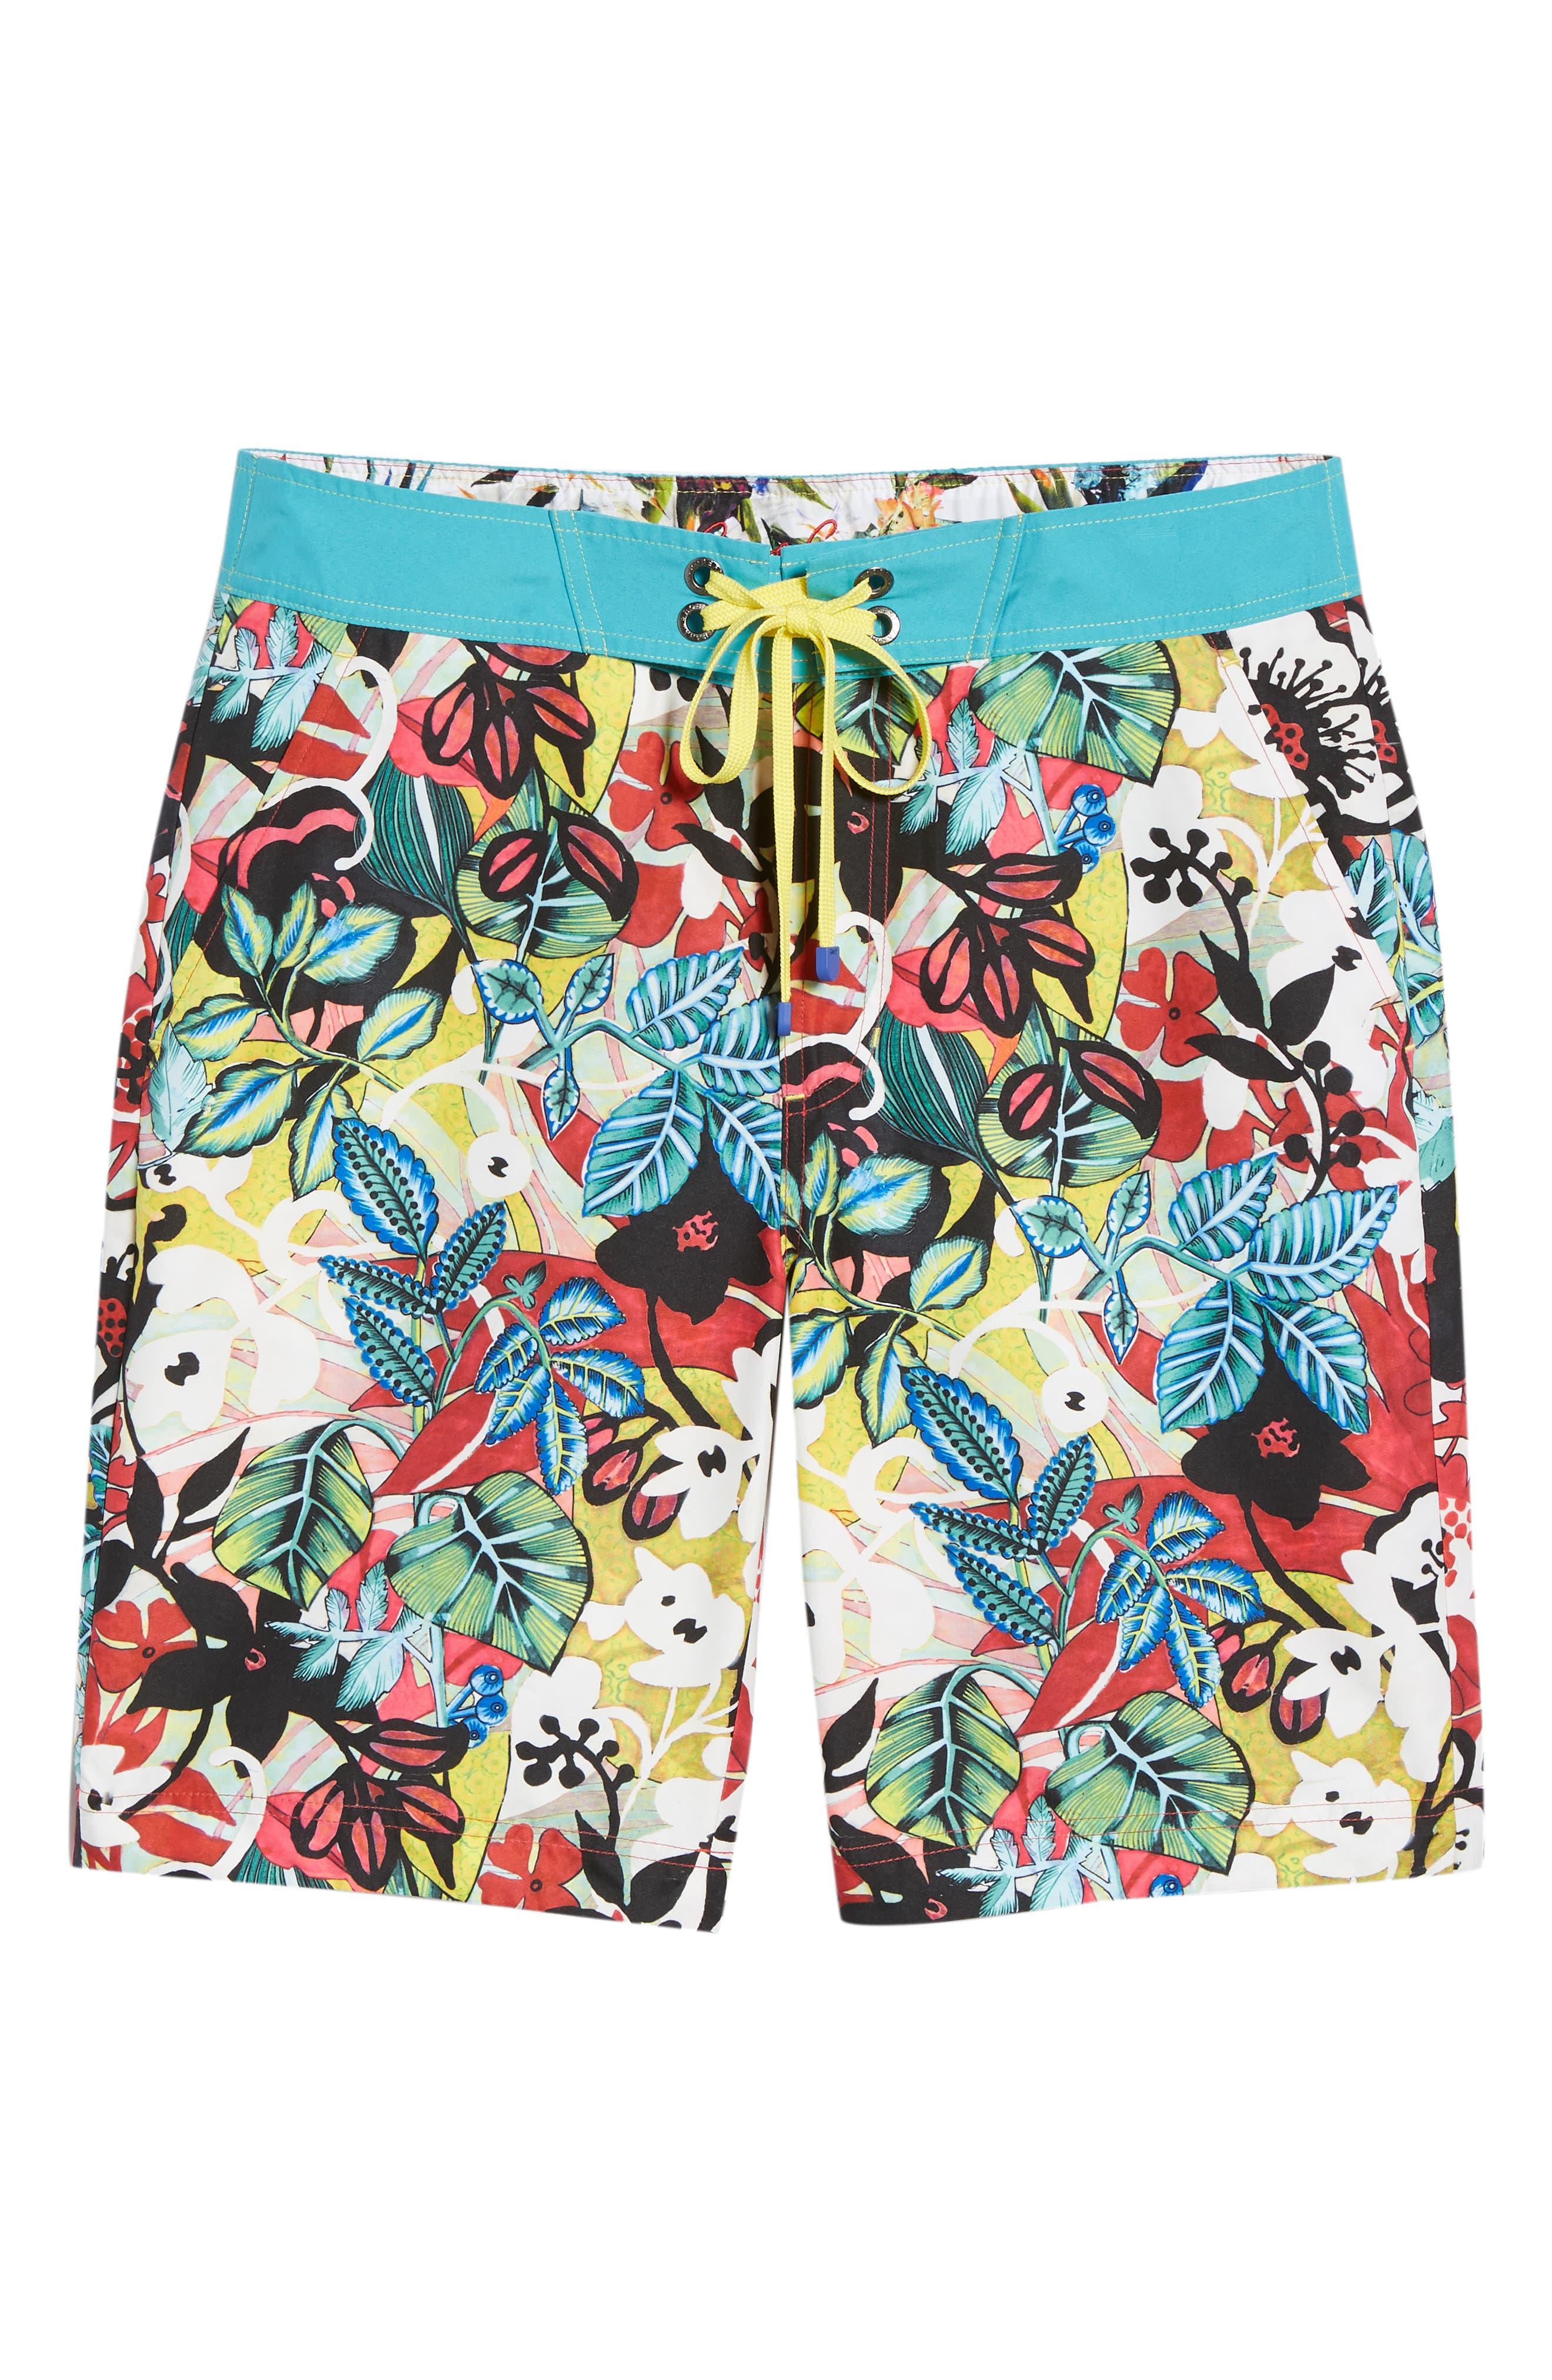 Barbarito Classic Fit Board Shorts,                             Alternate thumbnail 6, color,                             Multi